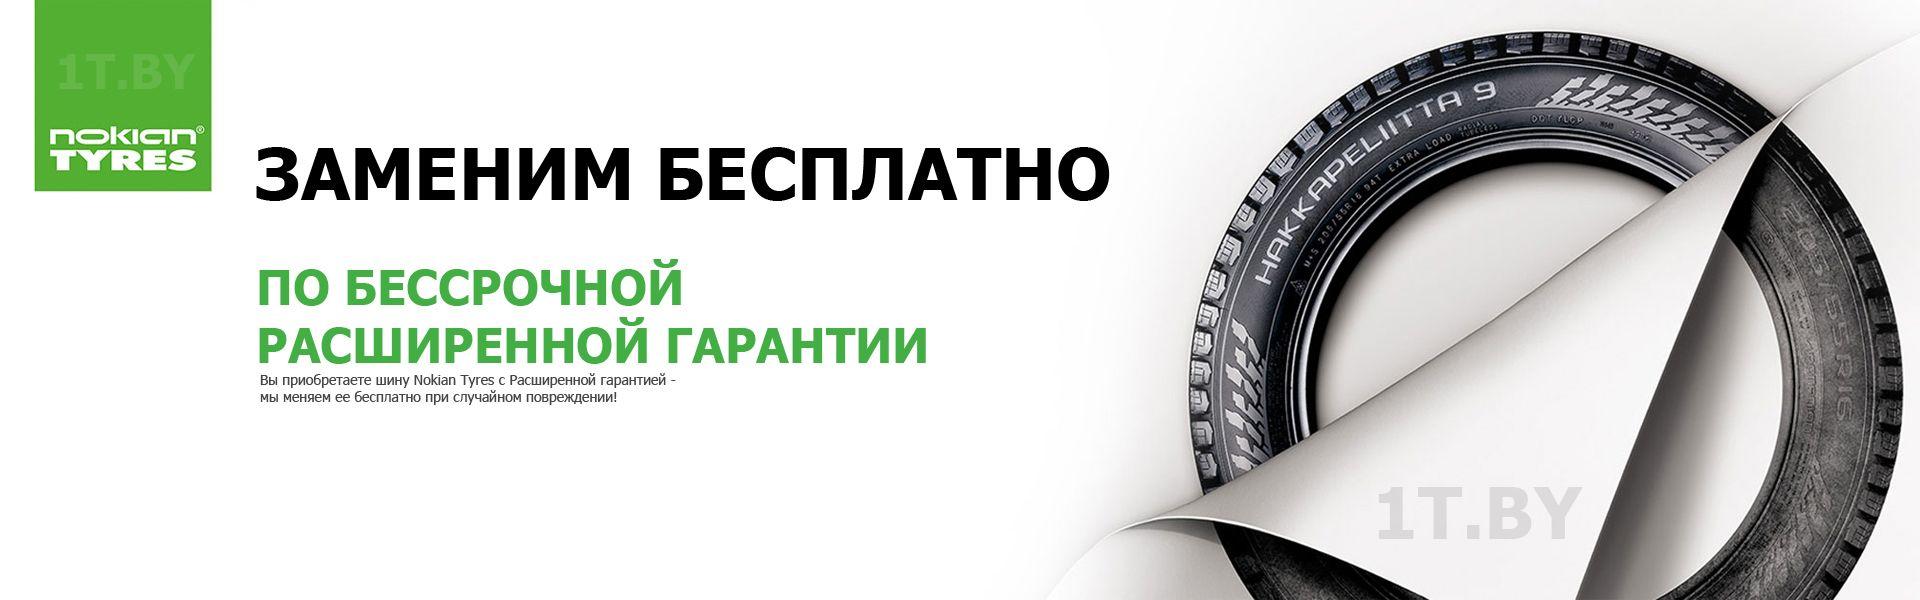 Бессрочная Расширенная гарантия на зимние и летние шины Nokian